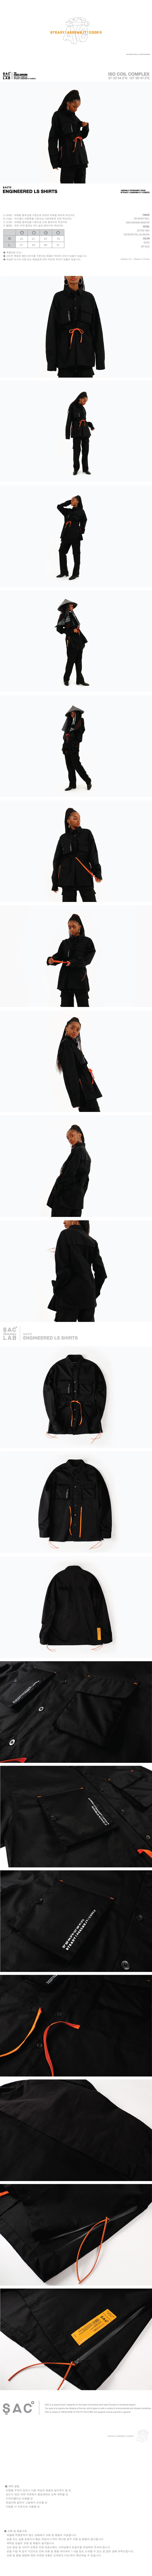 색(SAC) ENGINEERED LS SHIRTS BLACK